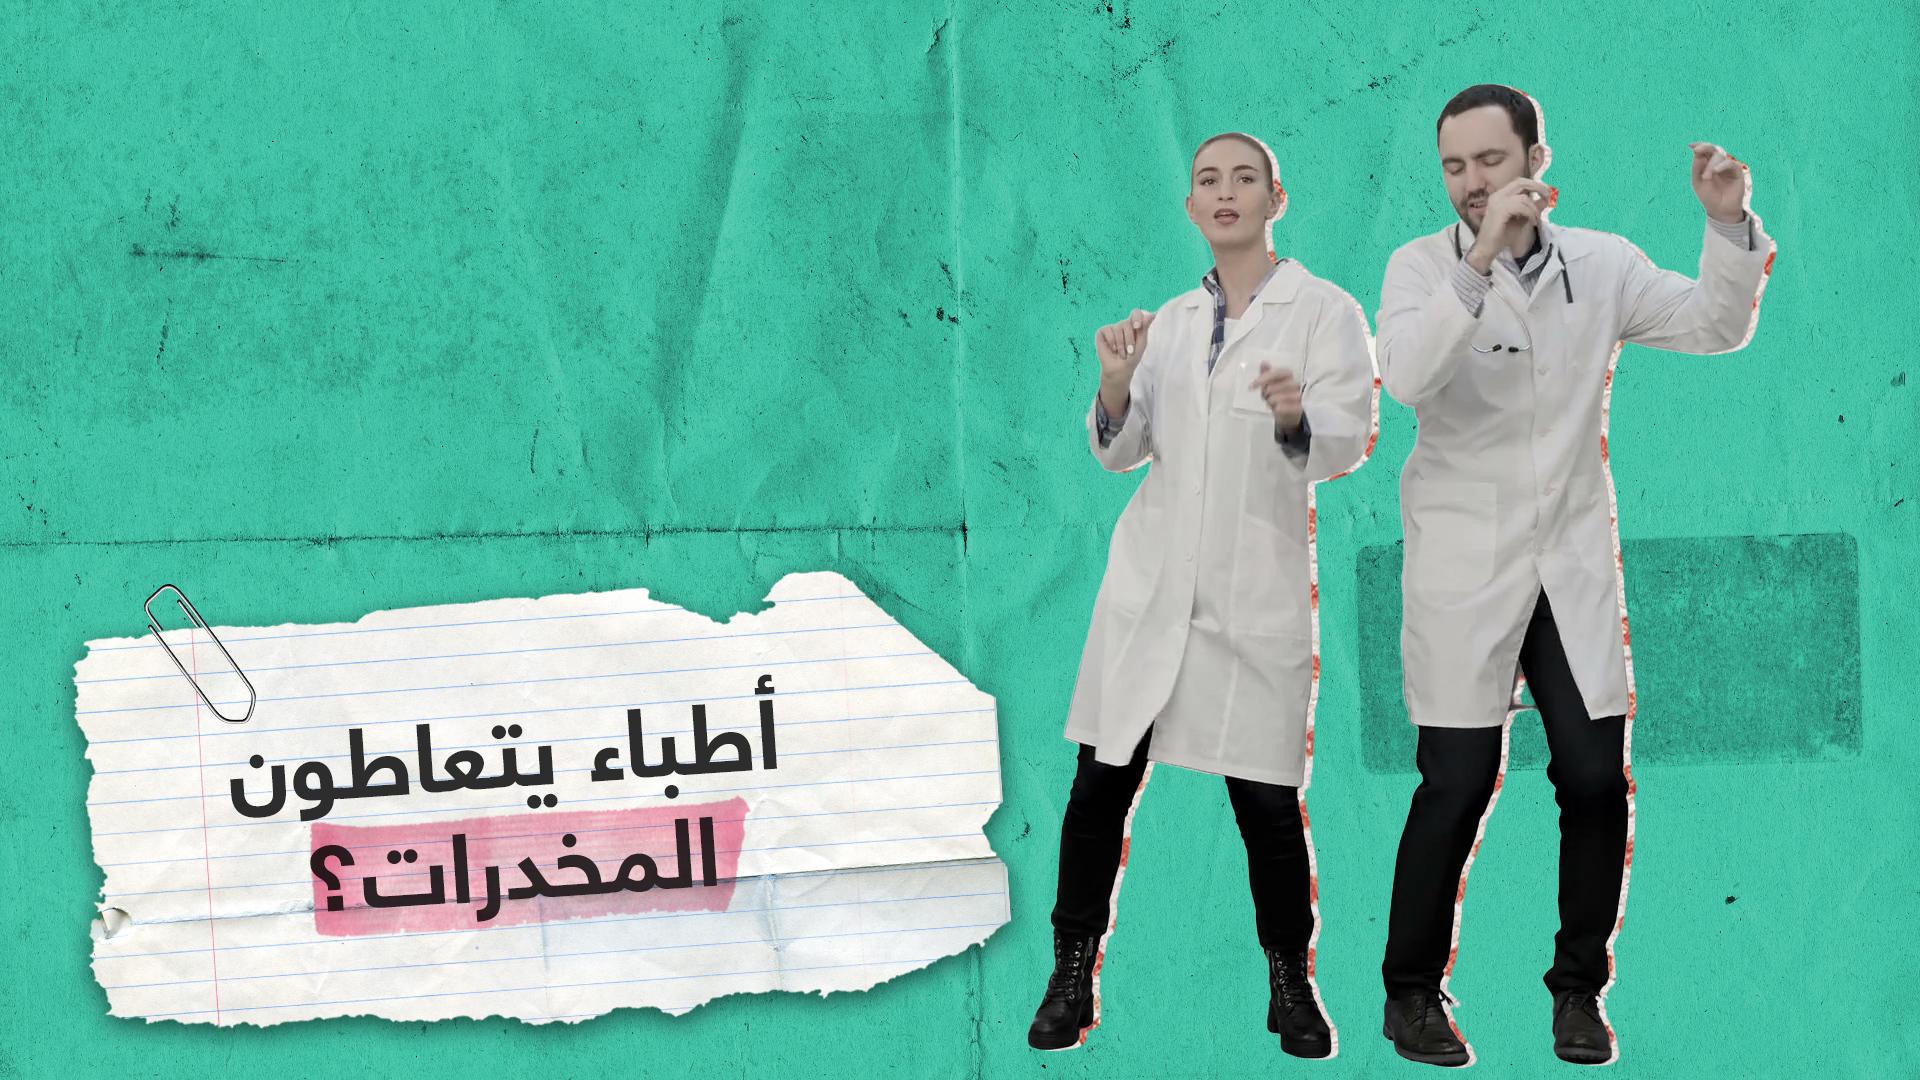 فيديو مسرب.. أطباء في تونس يتعاطون المخدرات؟